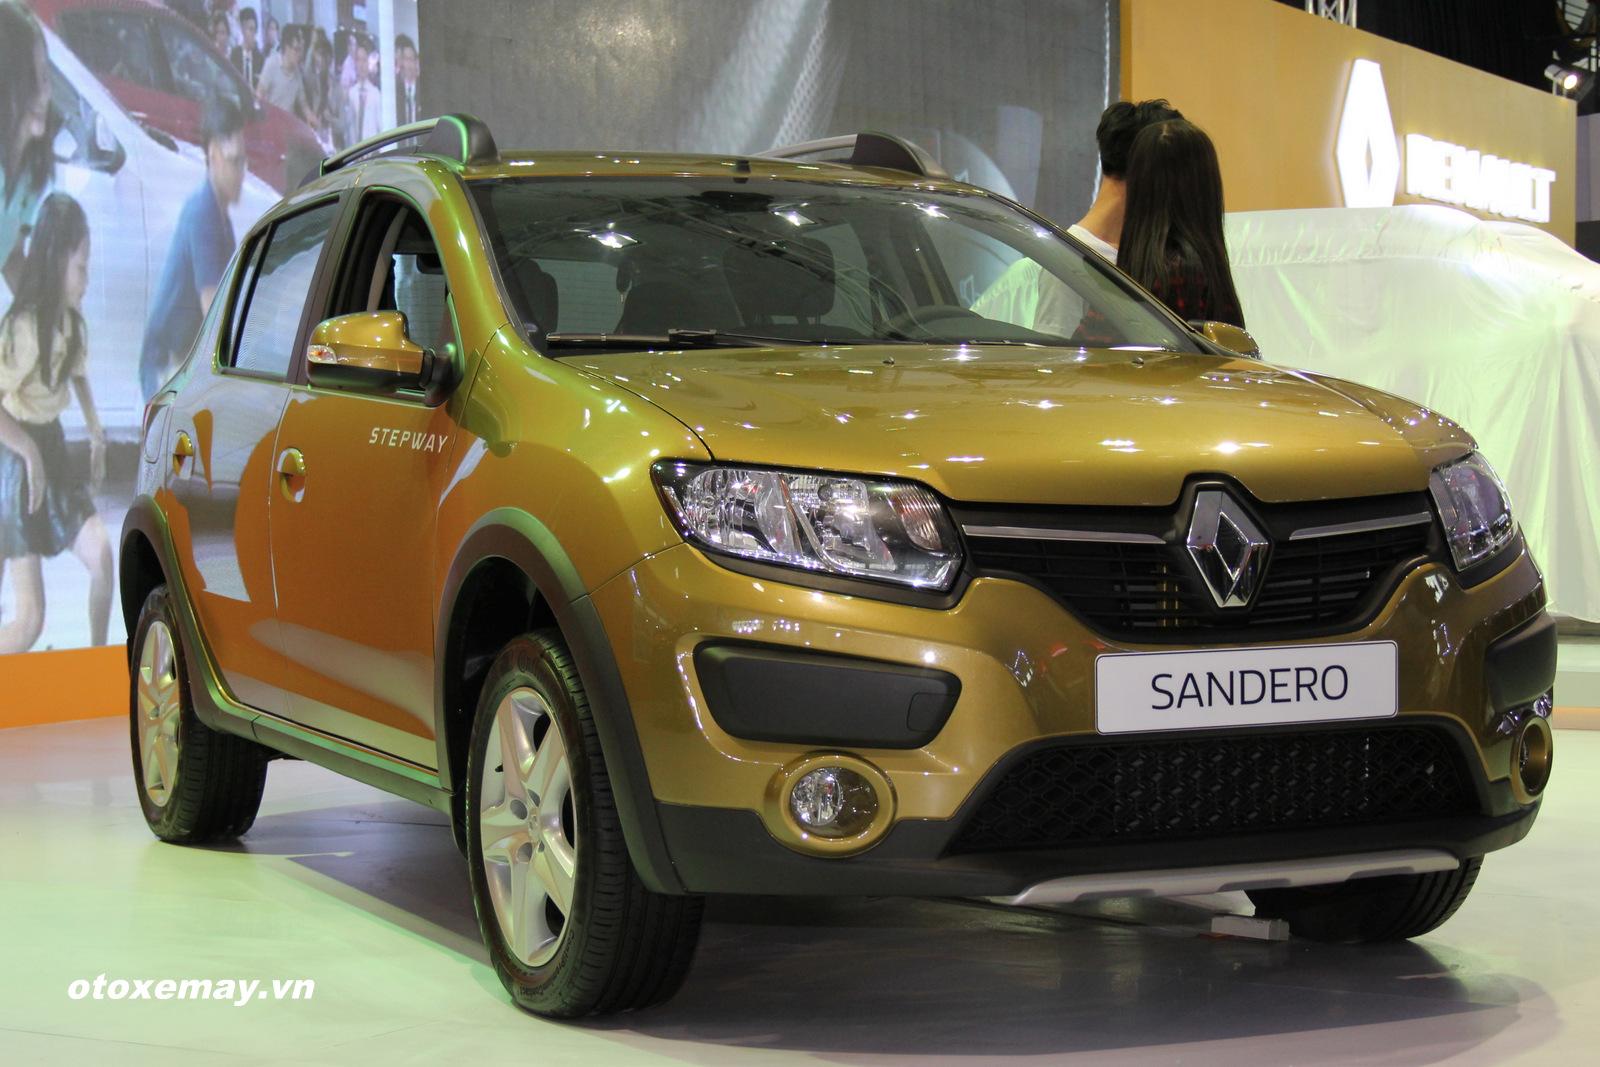 VIMS 2015 - Thêm xe nhỏ giá rẻ châu Âu về Việt Nam 1